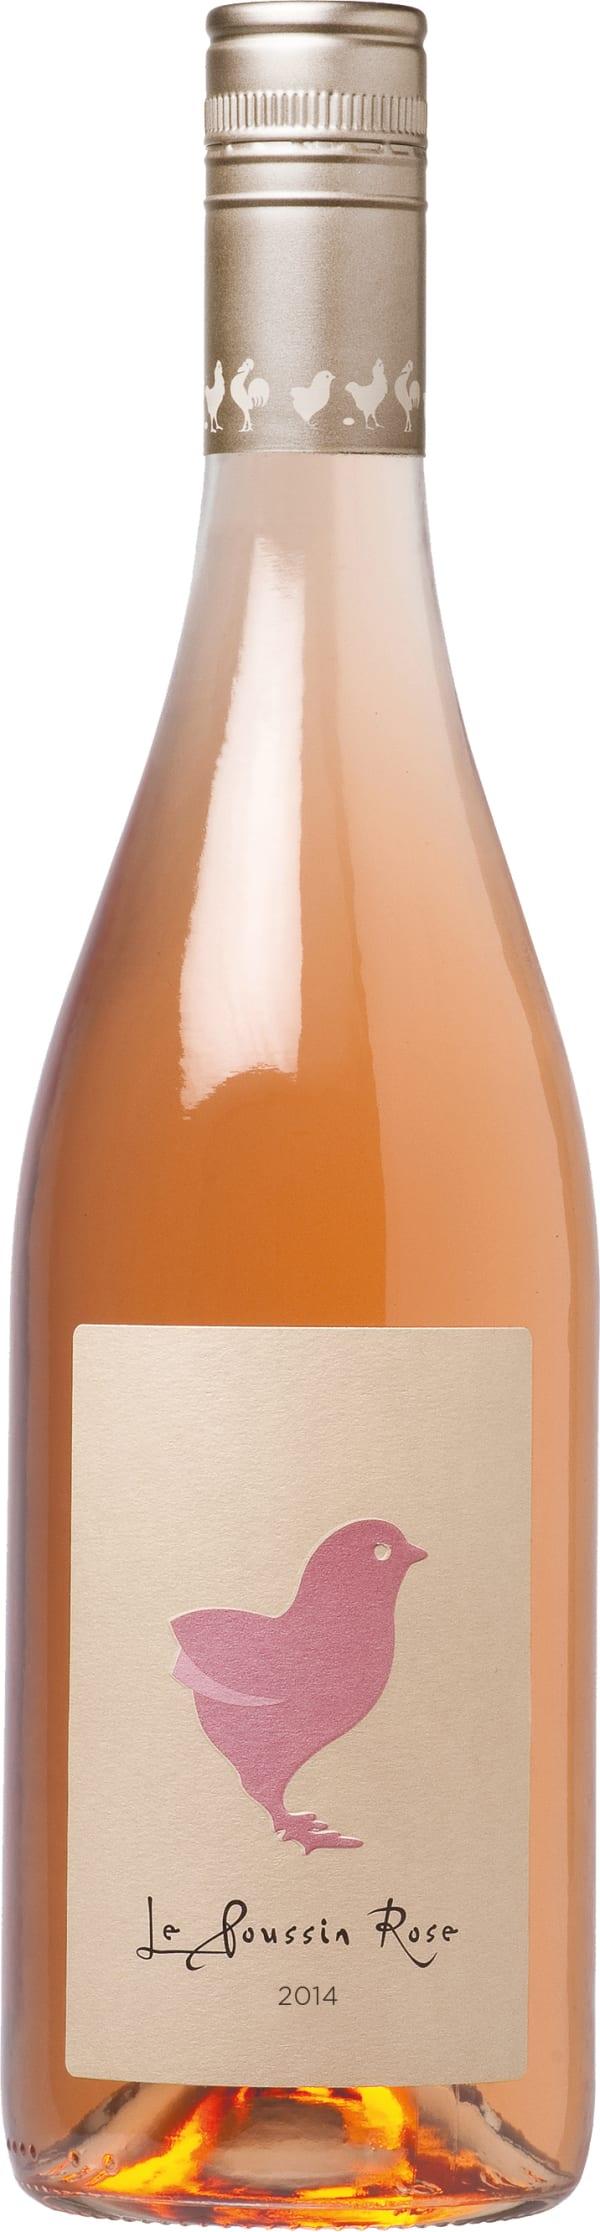 Le Poussin Rosé 2016